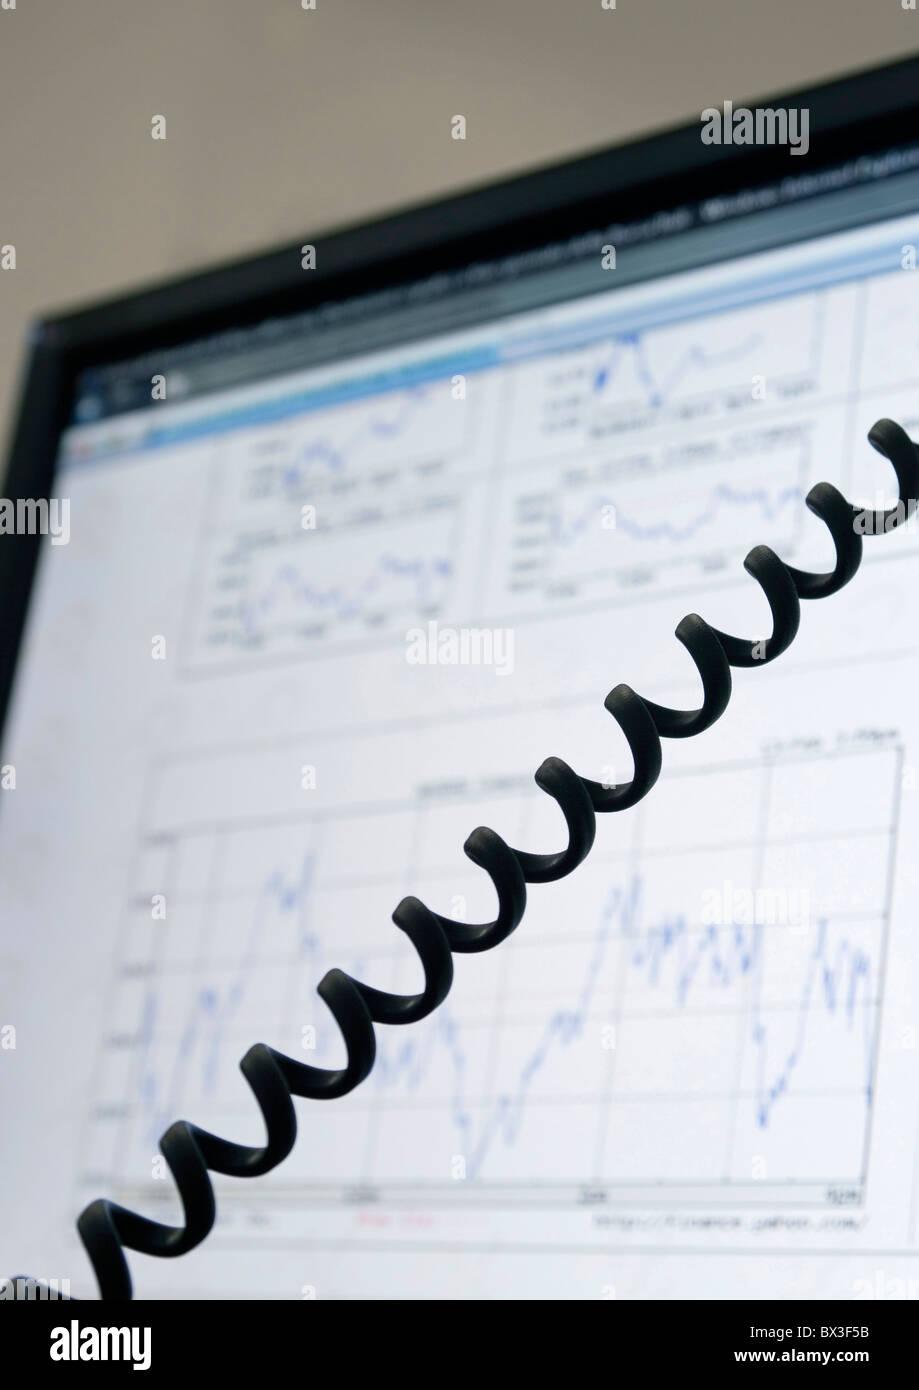 Wunderbar Telefonkabel Diagramm Fotos - Elektrische Schaltplan-Ideen ...